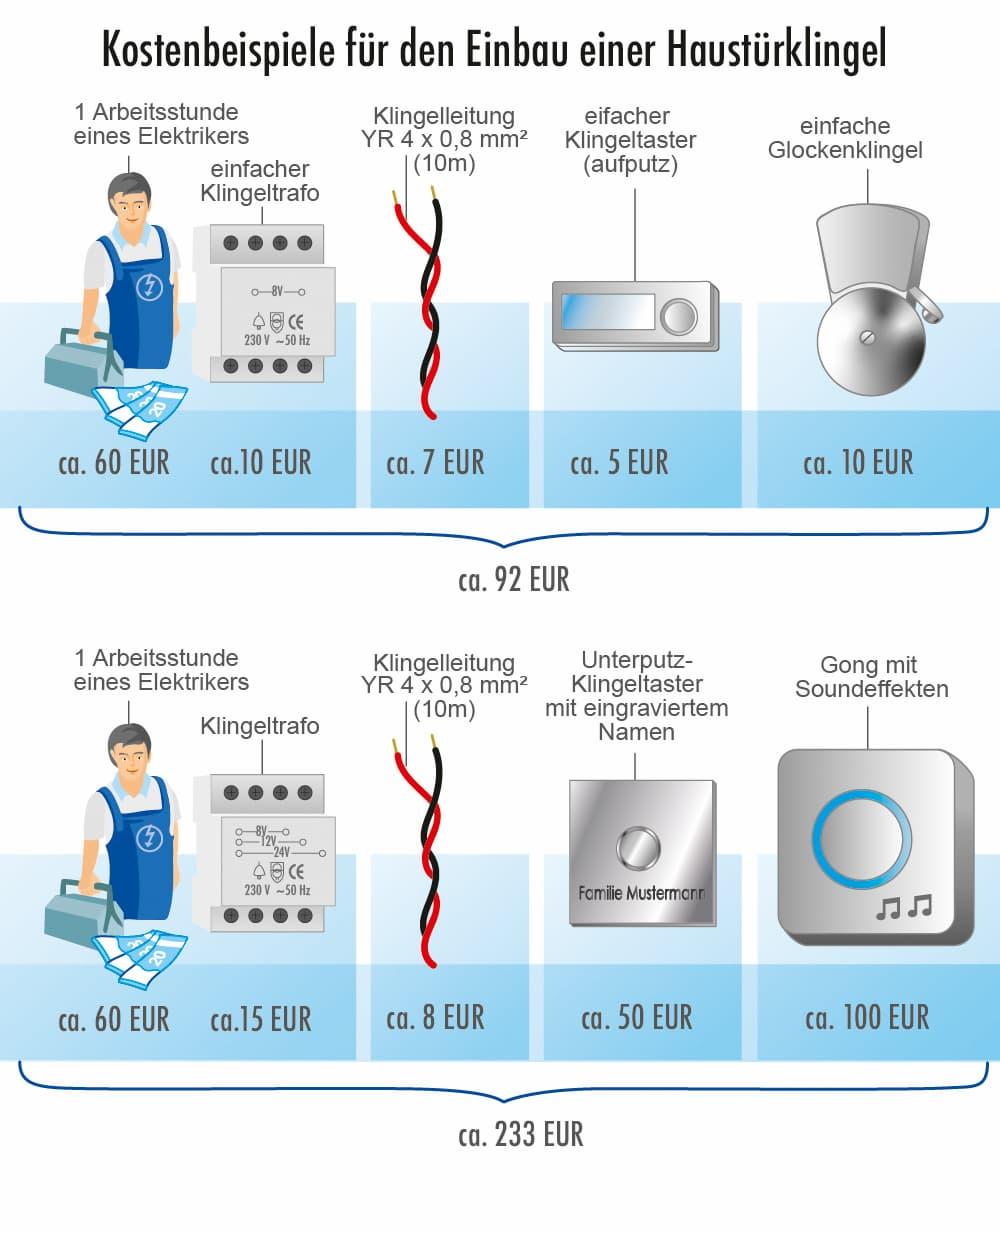 Kostenbeispiele für den Einbau einer Haustürklingel